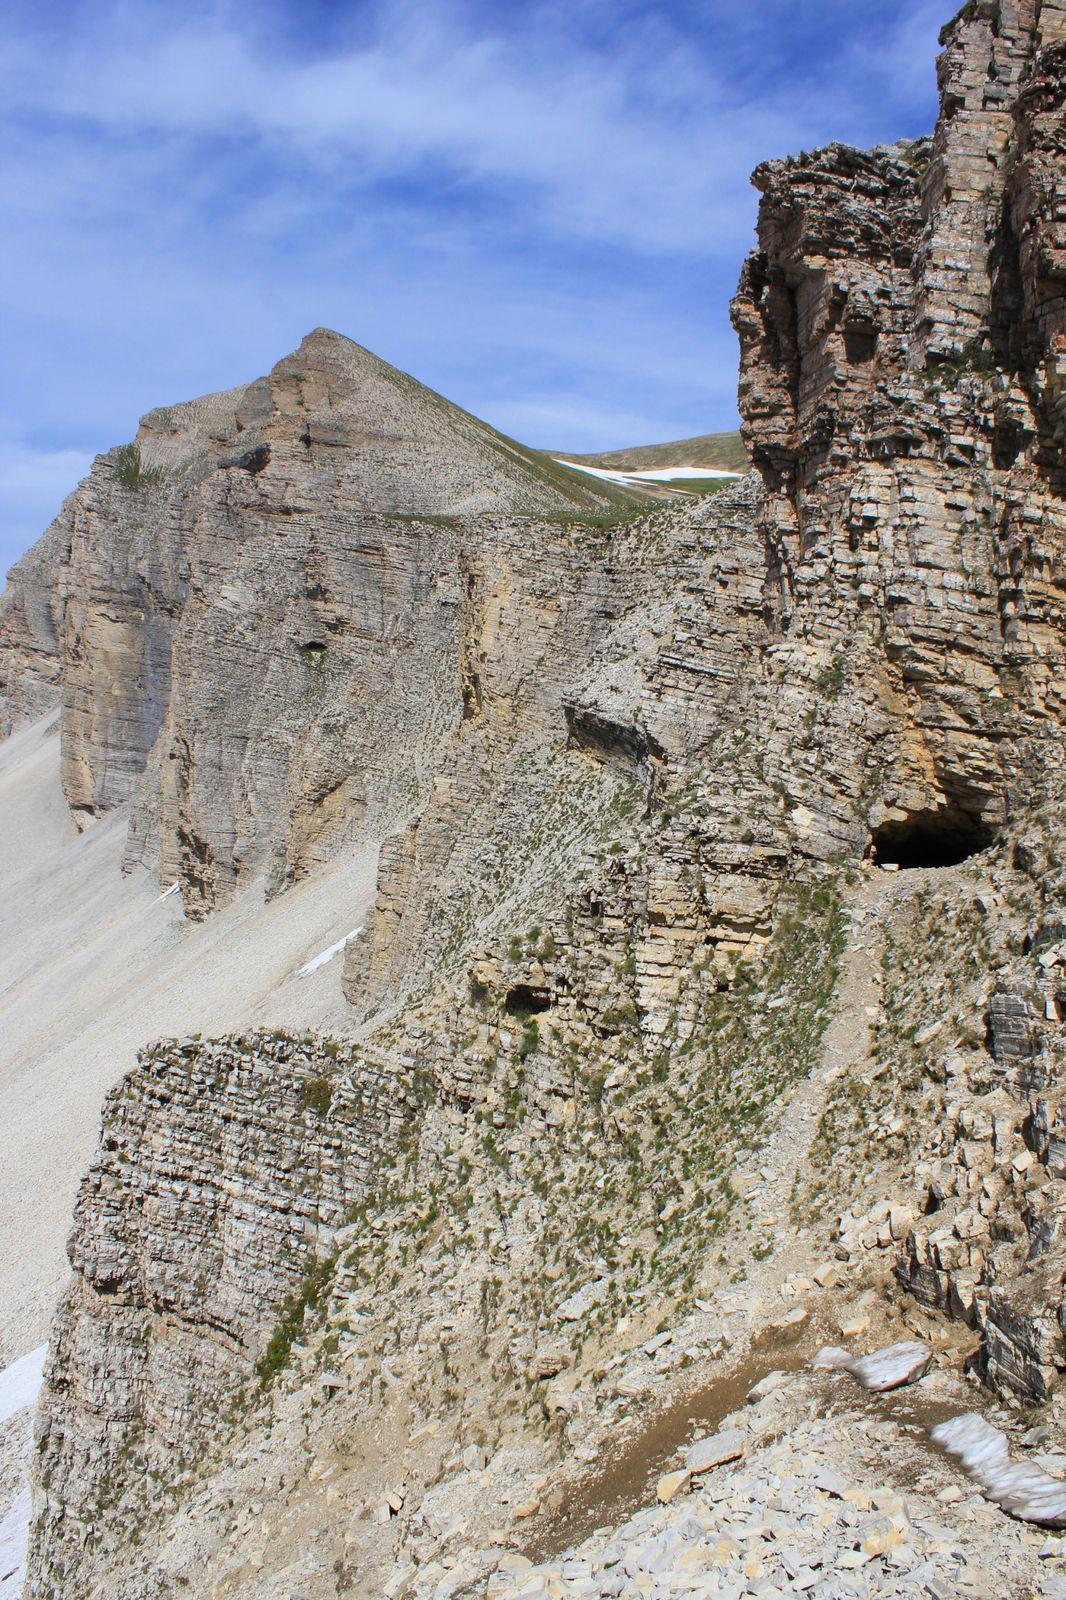 L'oeil de la Grotte, dans la rocaille, avec sa larme, sur fond de visage préhistorique. Au fond, la Tête du Lauzon